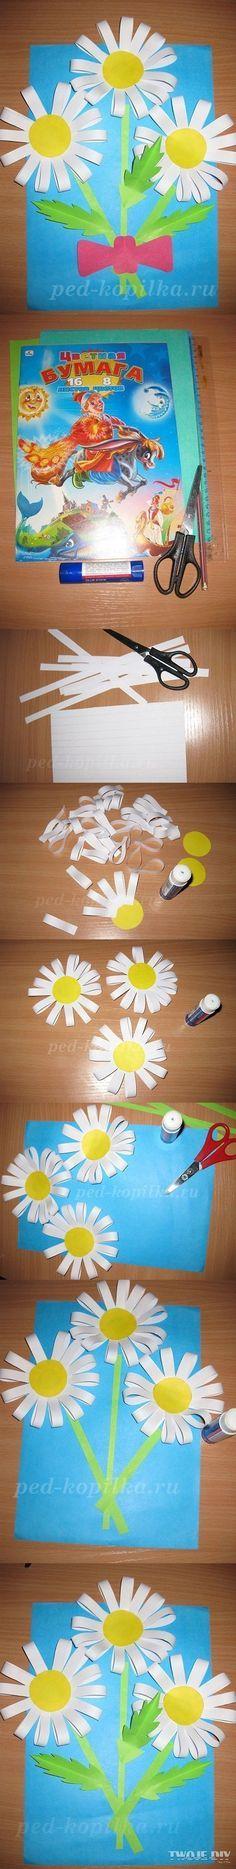 laboratori lavoretti e attività festa della mamma regalo biglietto fiori originale kids craft mum day